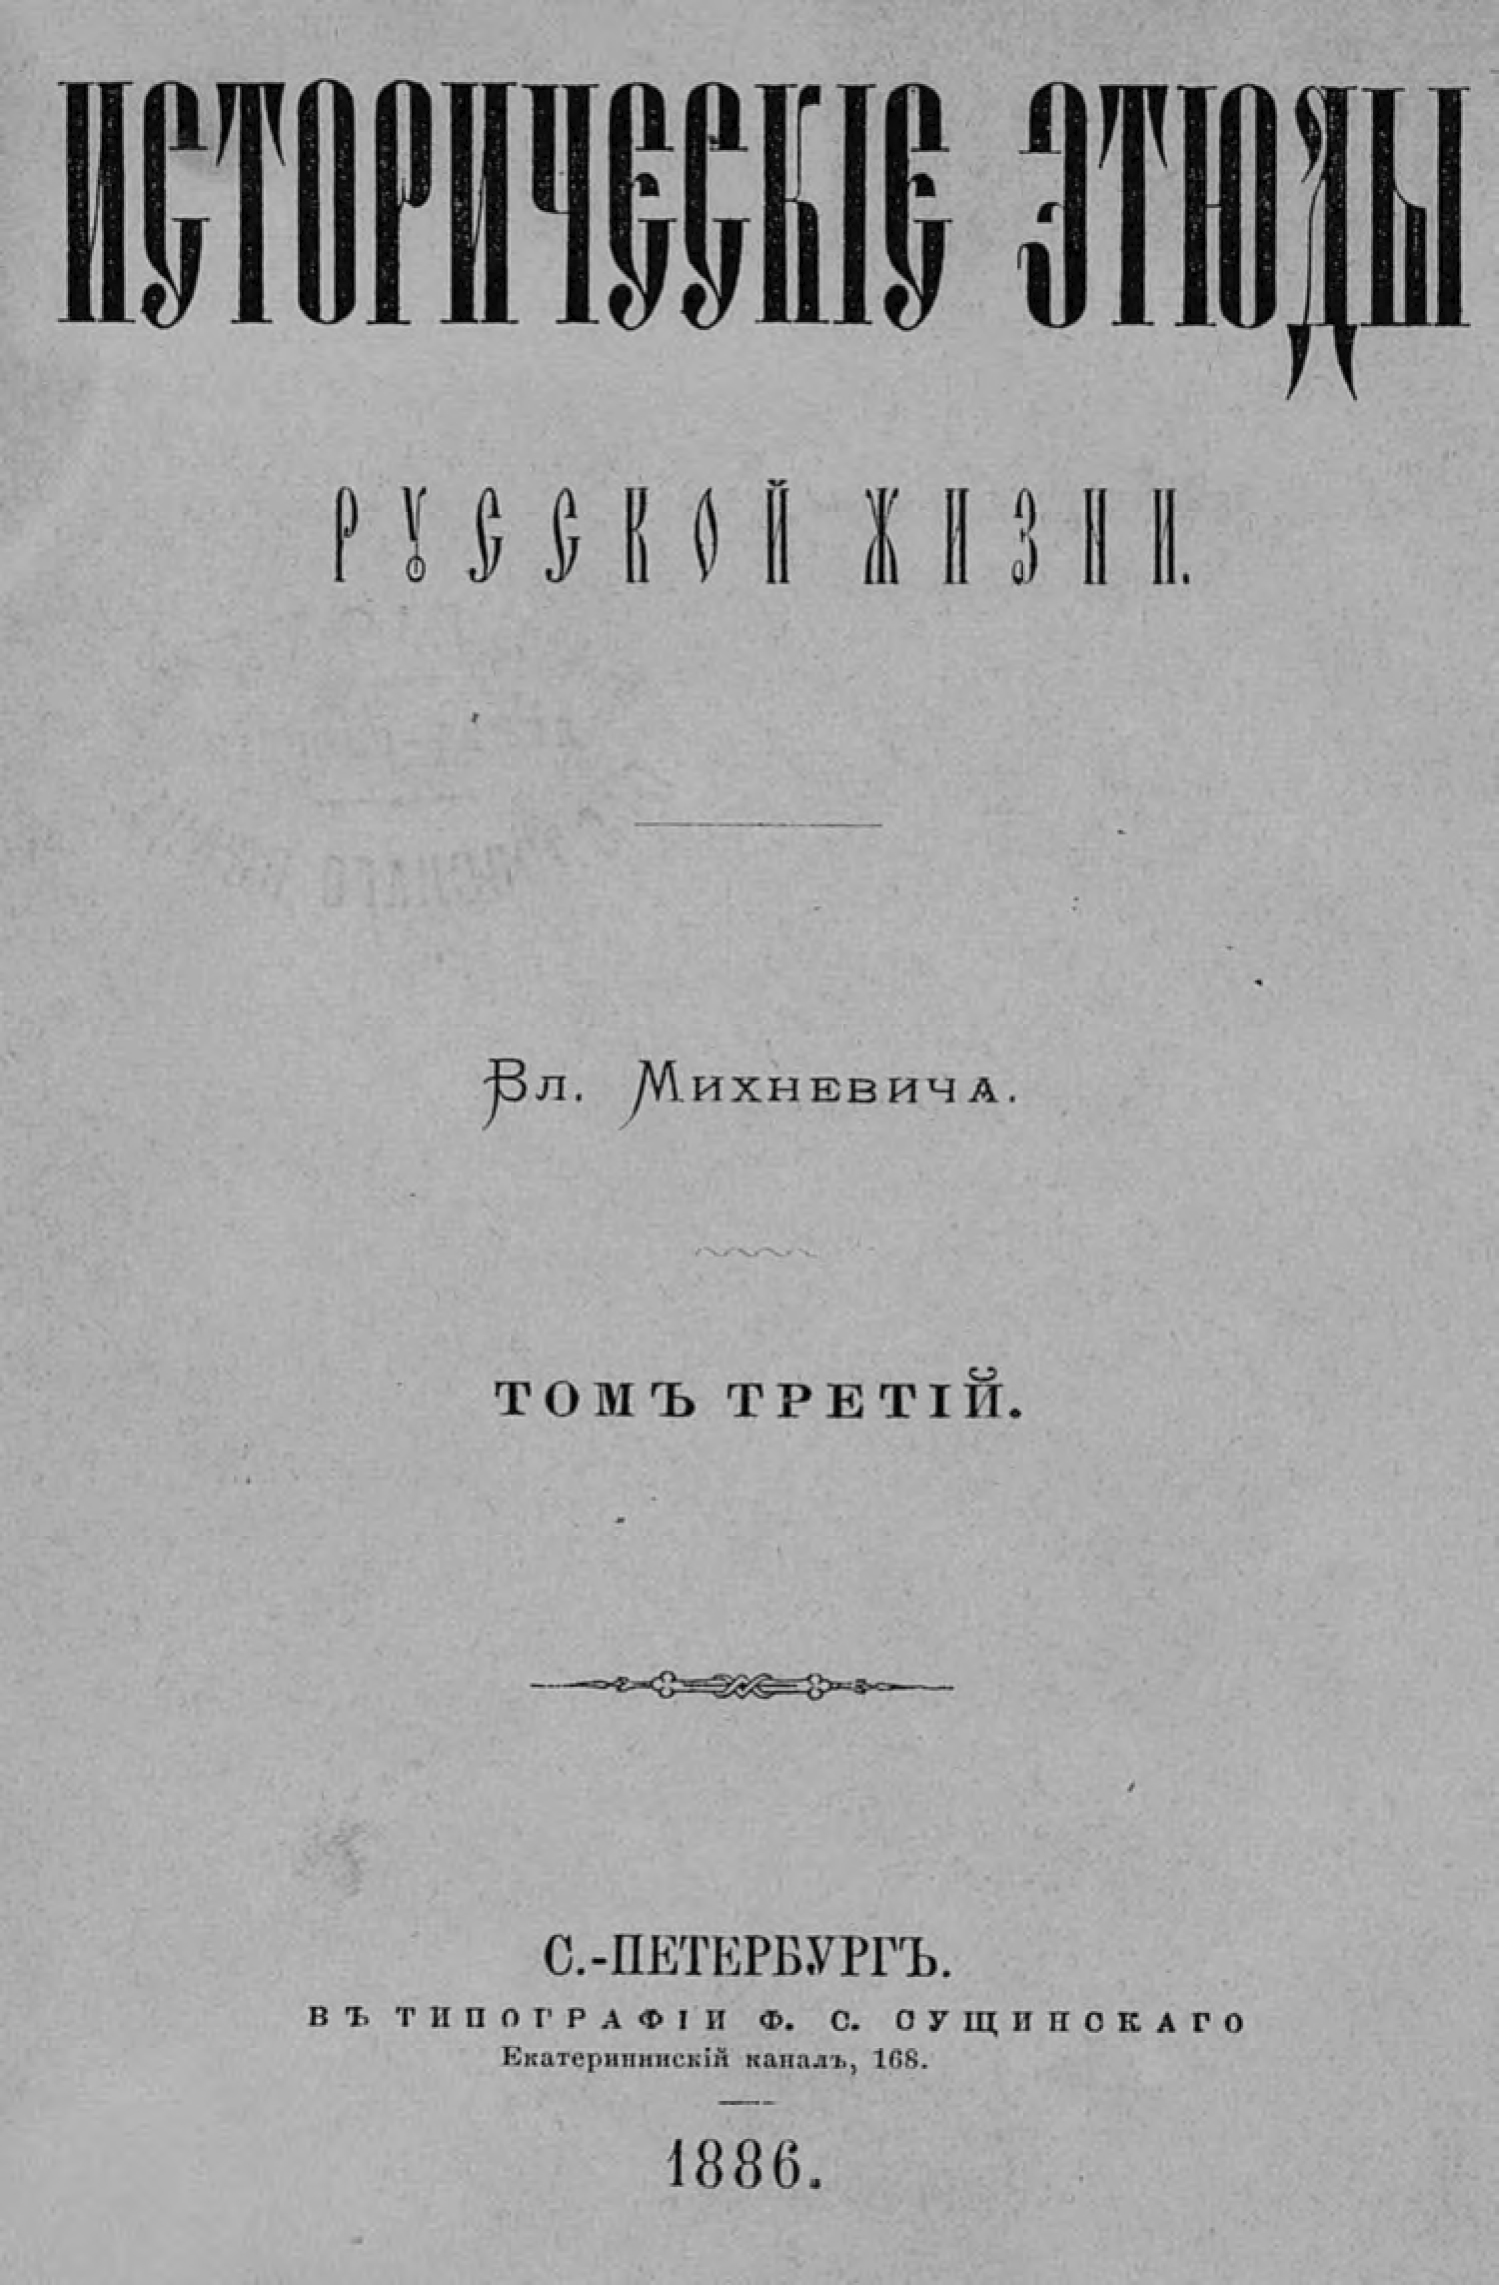 Коллектив авторов Язвы Петербурга коллектив авторов классика зарубежного рассказа 17